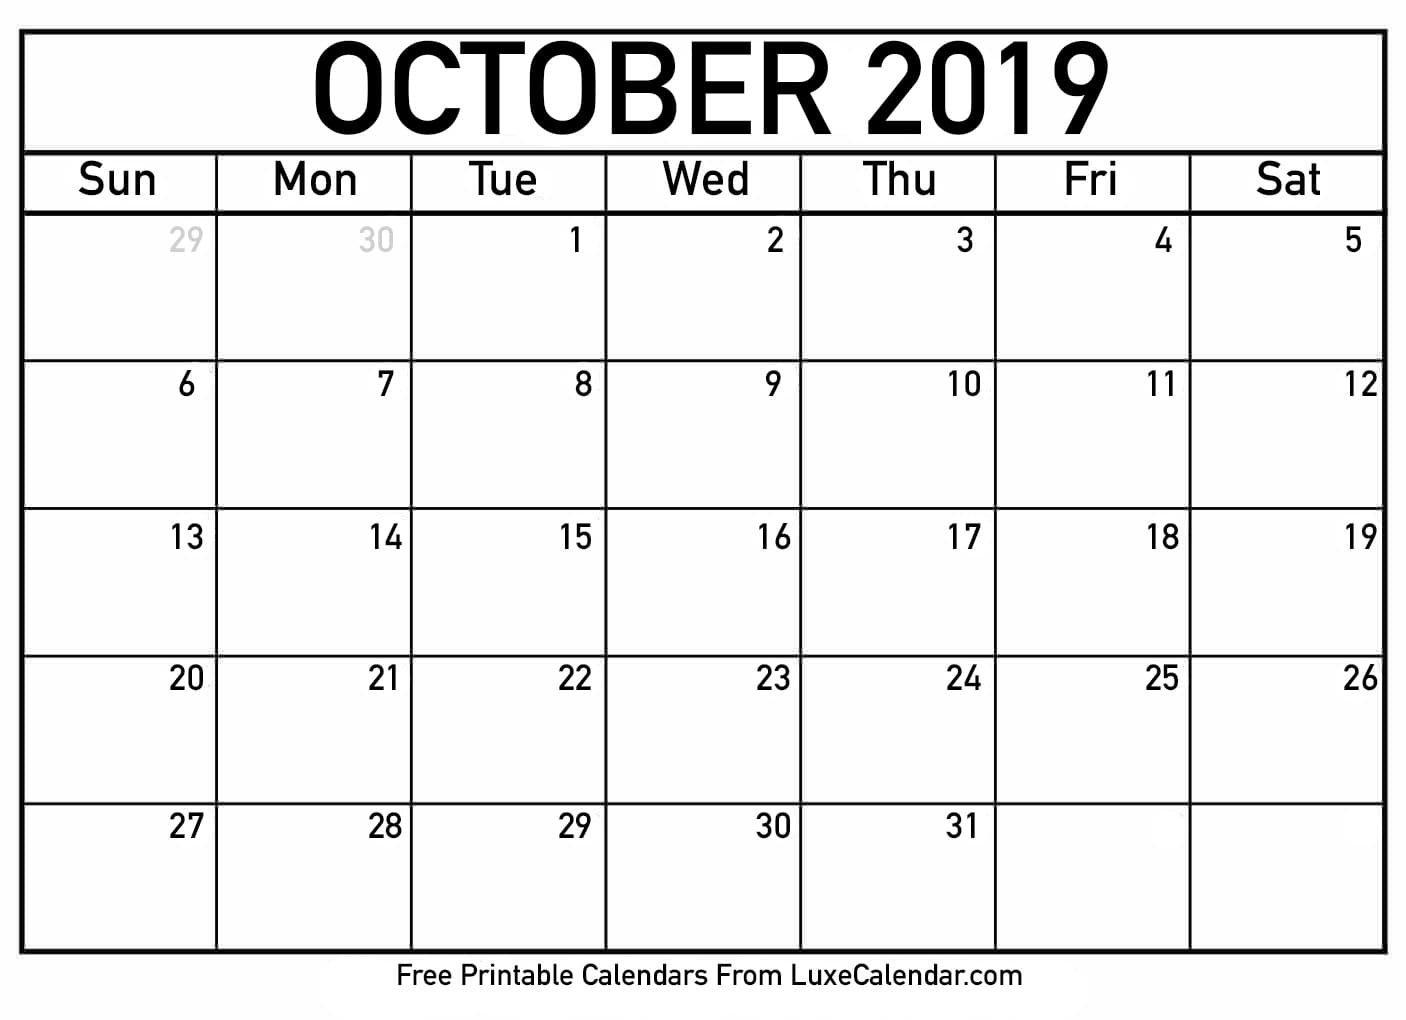 Blank October 2019 Printable Calendar – Luxe Calendar Calendar 2019 October